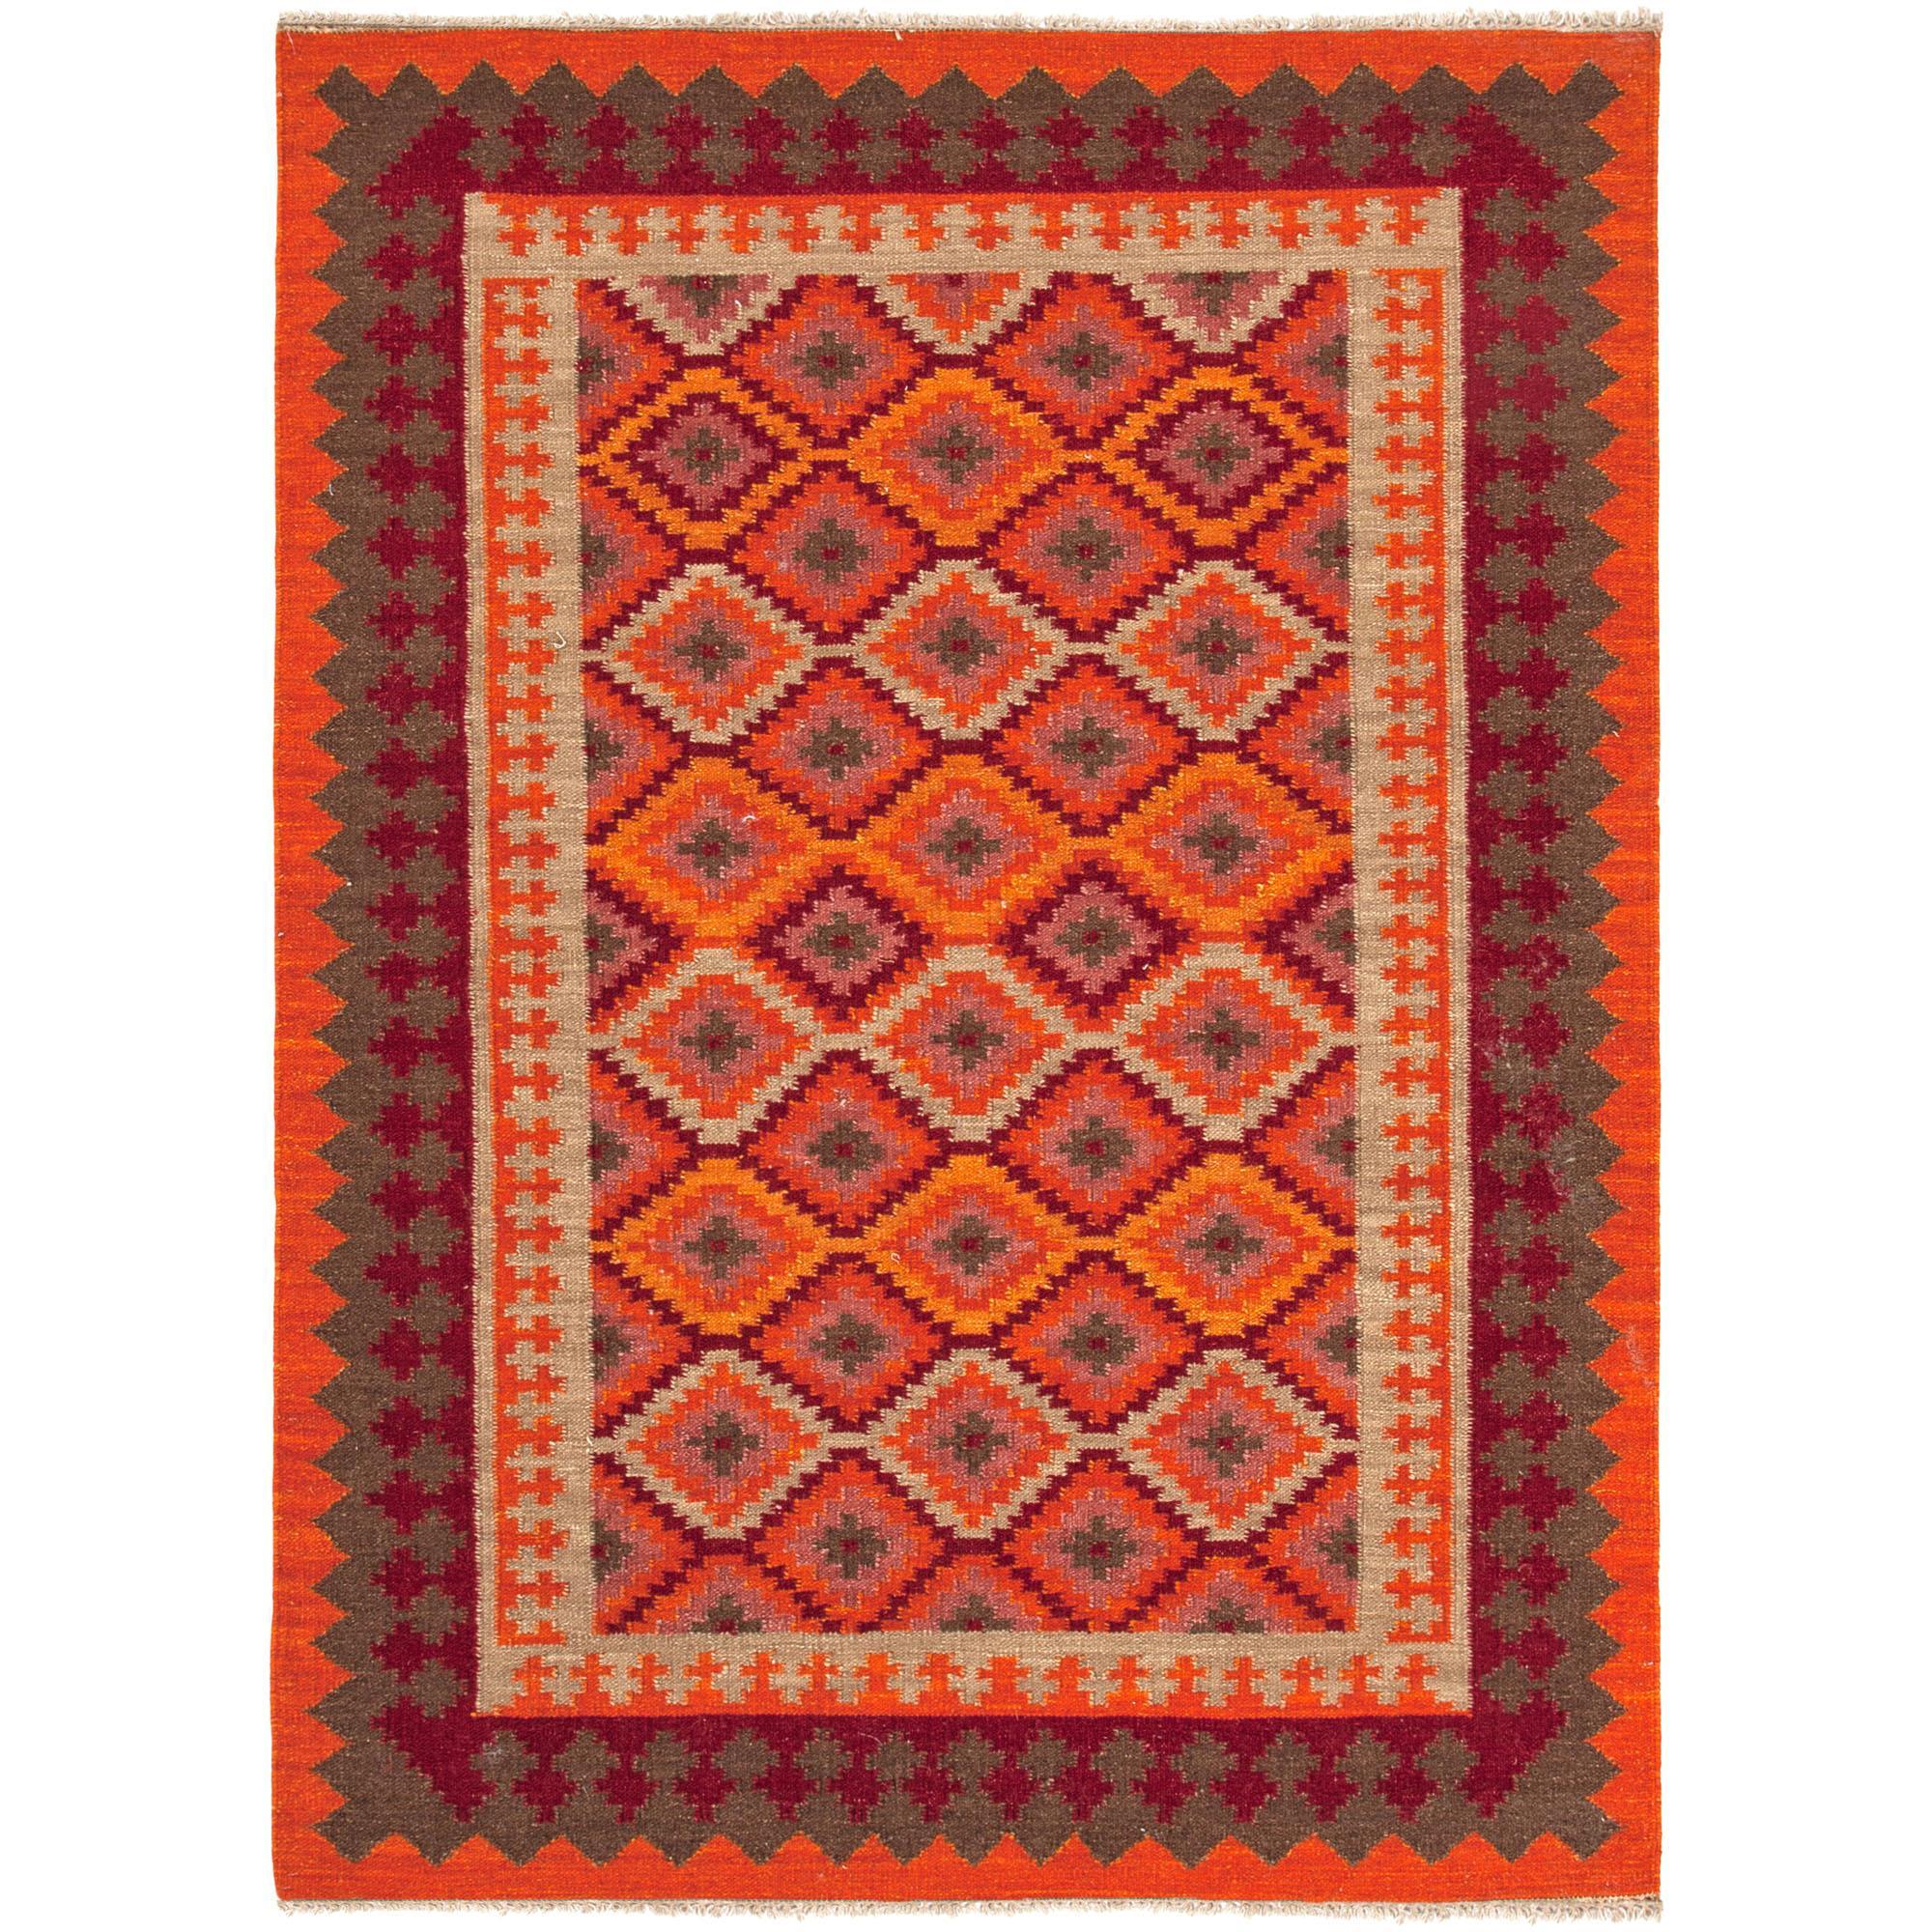 JAIPUR Rugs Anatolia 8 x 10 Rug - Item Number: RUG100195